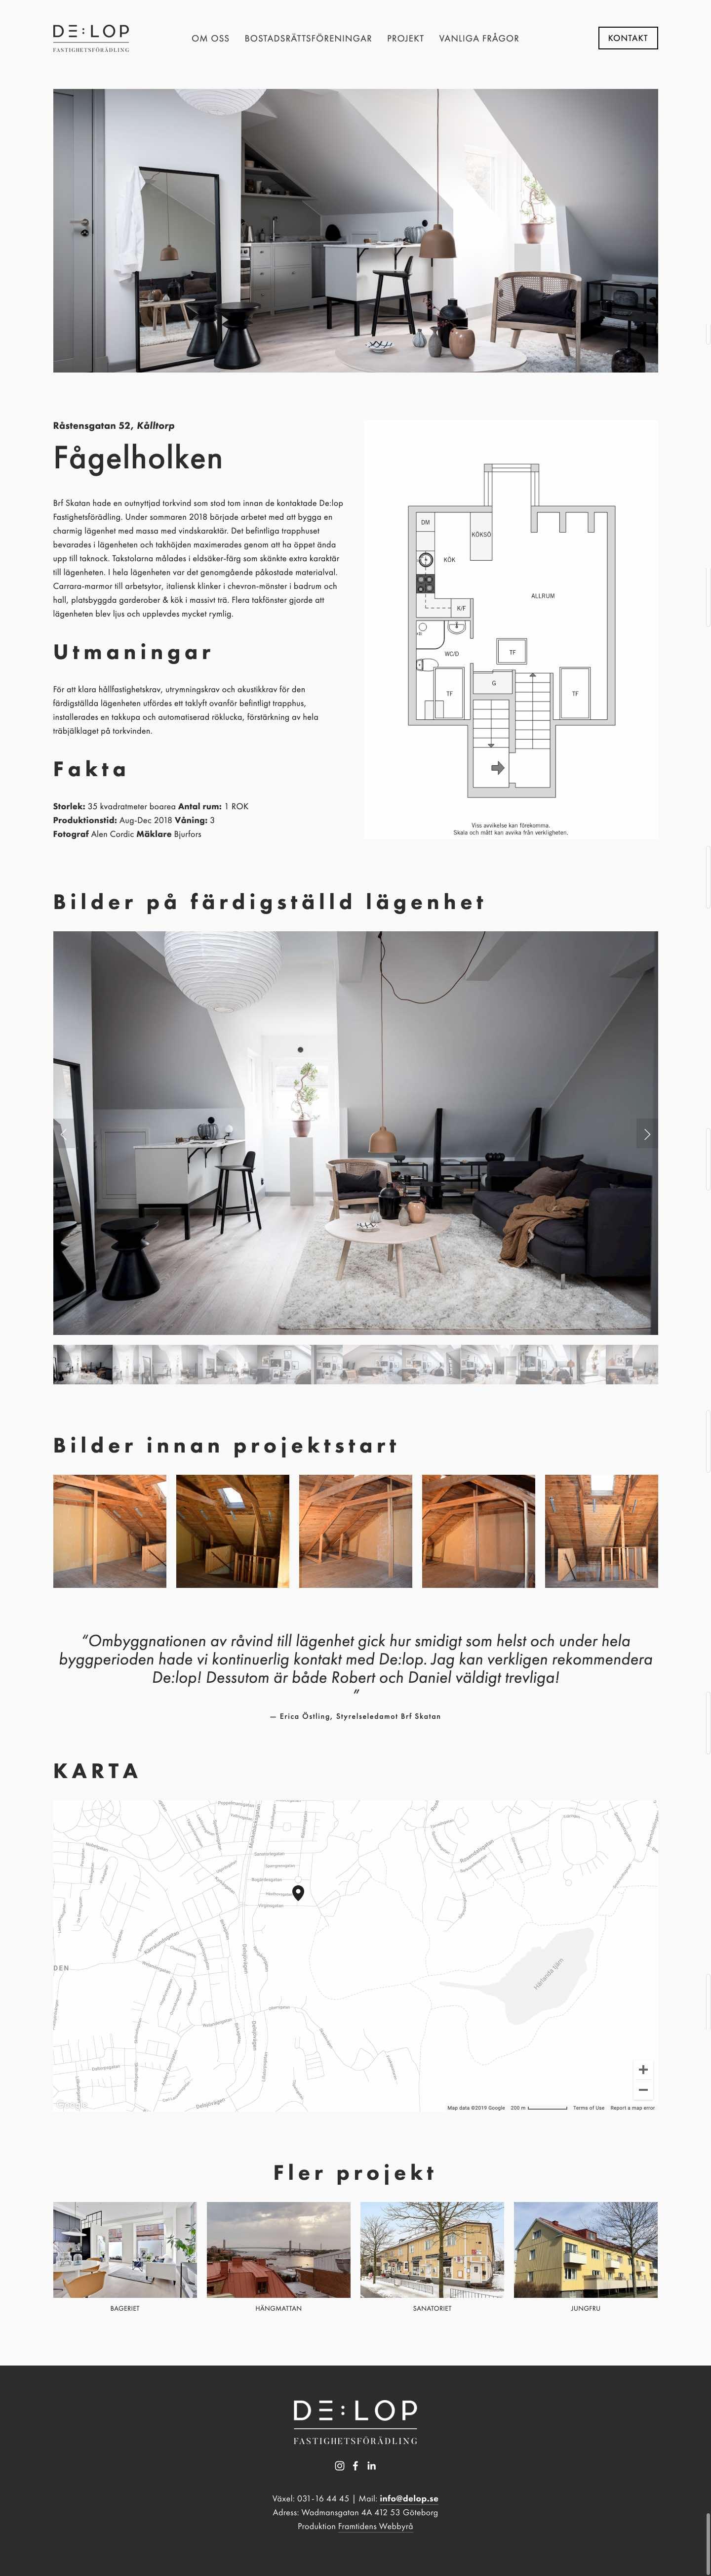 framtidens-webbyrå-hemsida-uppdrag-delop-fastighetsförädling-5.jpg